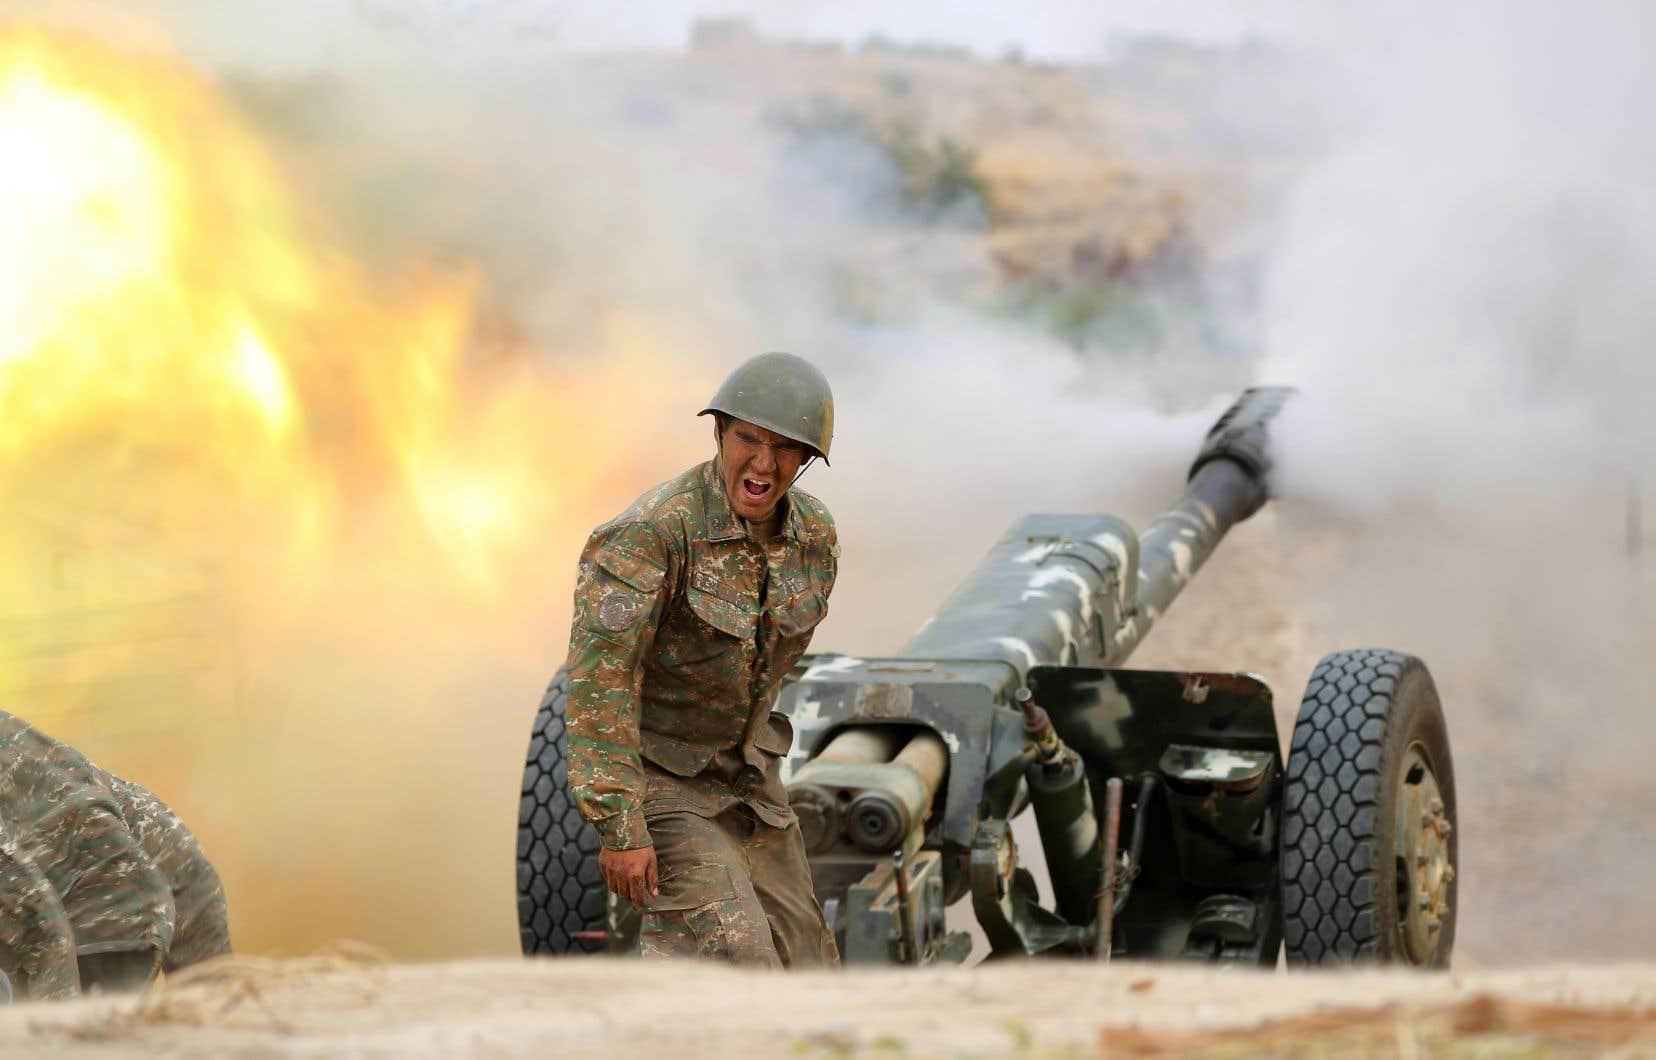 Depuis dimanche, les forces de l'enclave séparatiste du Nagorny Karabakh (sur la photo), soutenue par l'Arménie, et celles de l'Azerbaïdjan s'affrontent dans les combats les plus meurtriers depuis 2016.